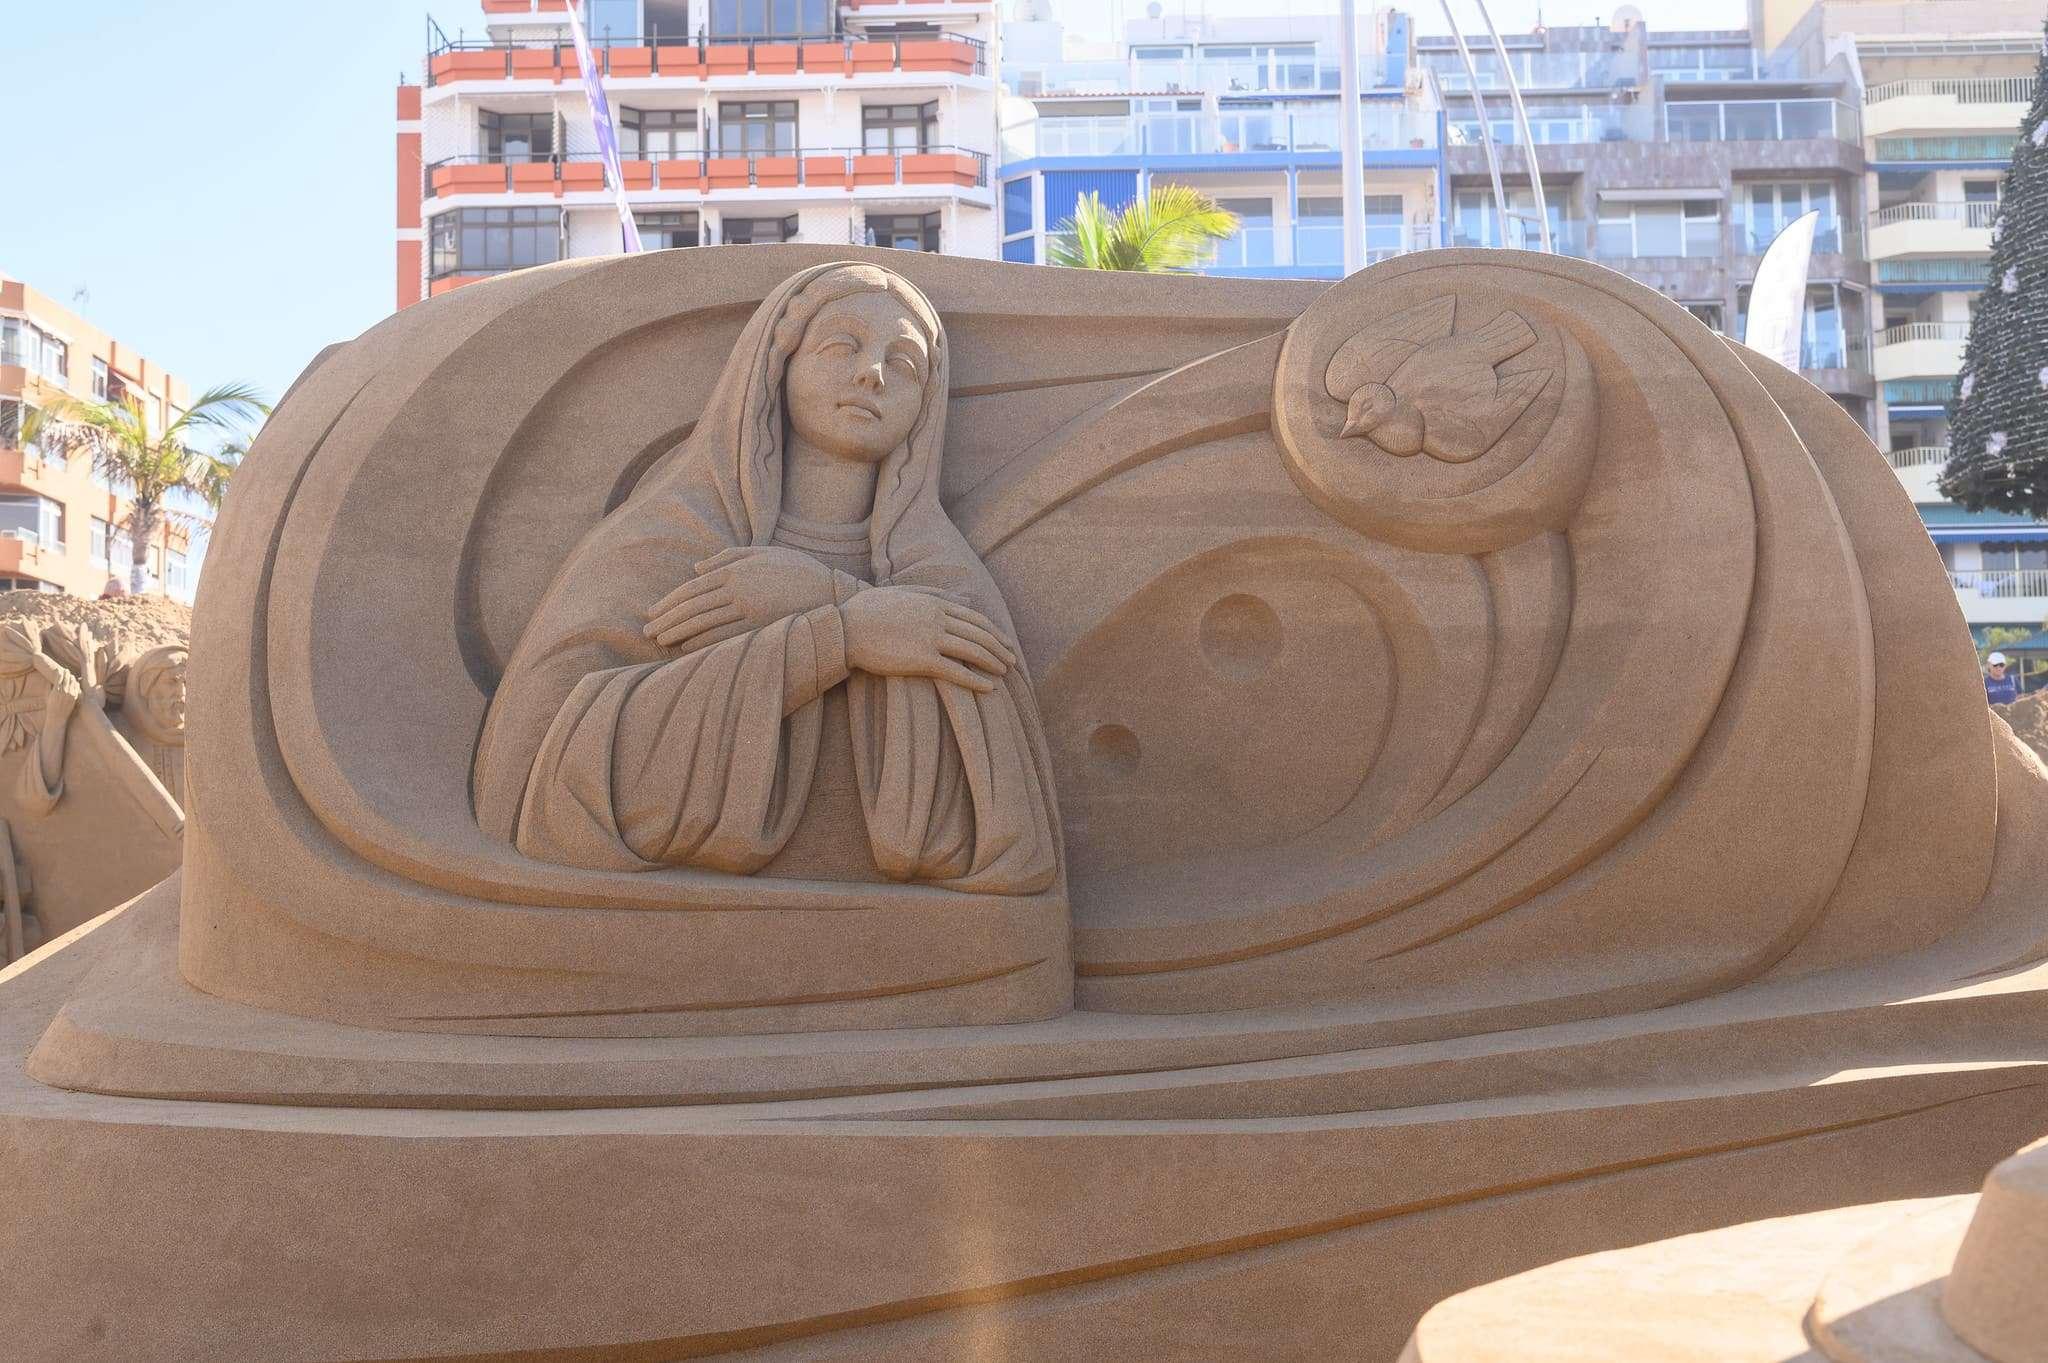 Un original Belén de arena para la navidad en Gran Canaria 68